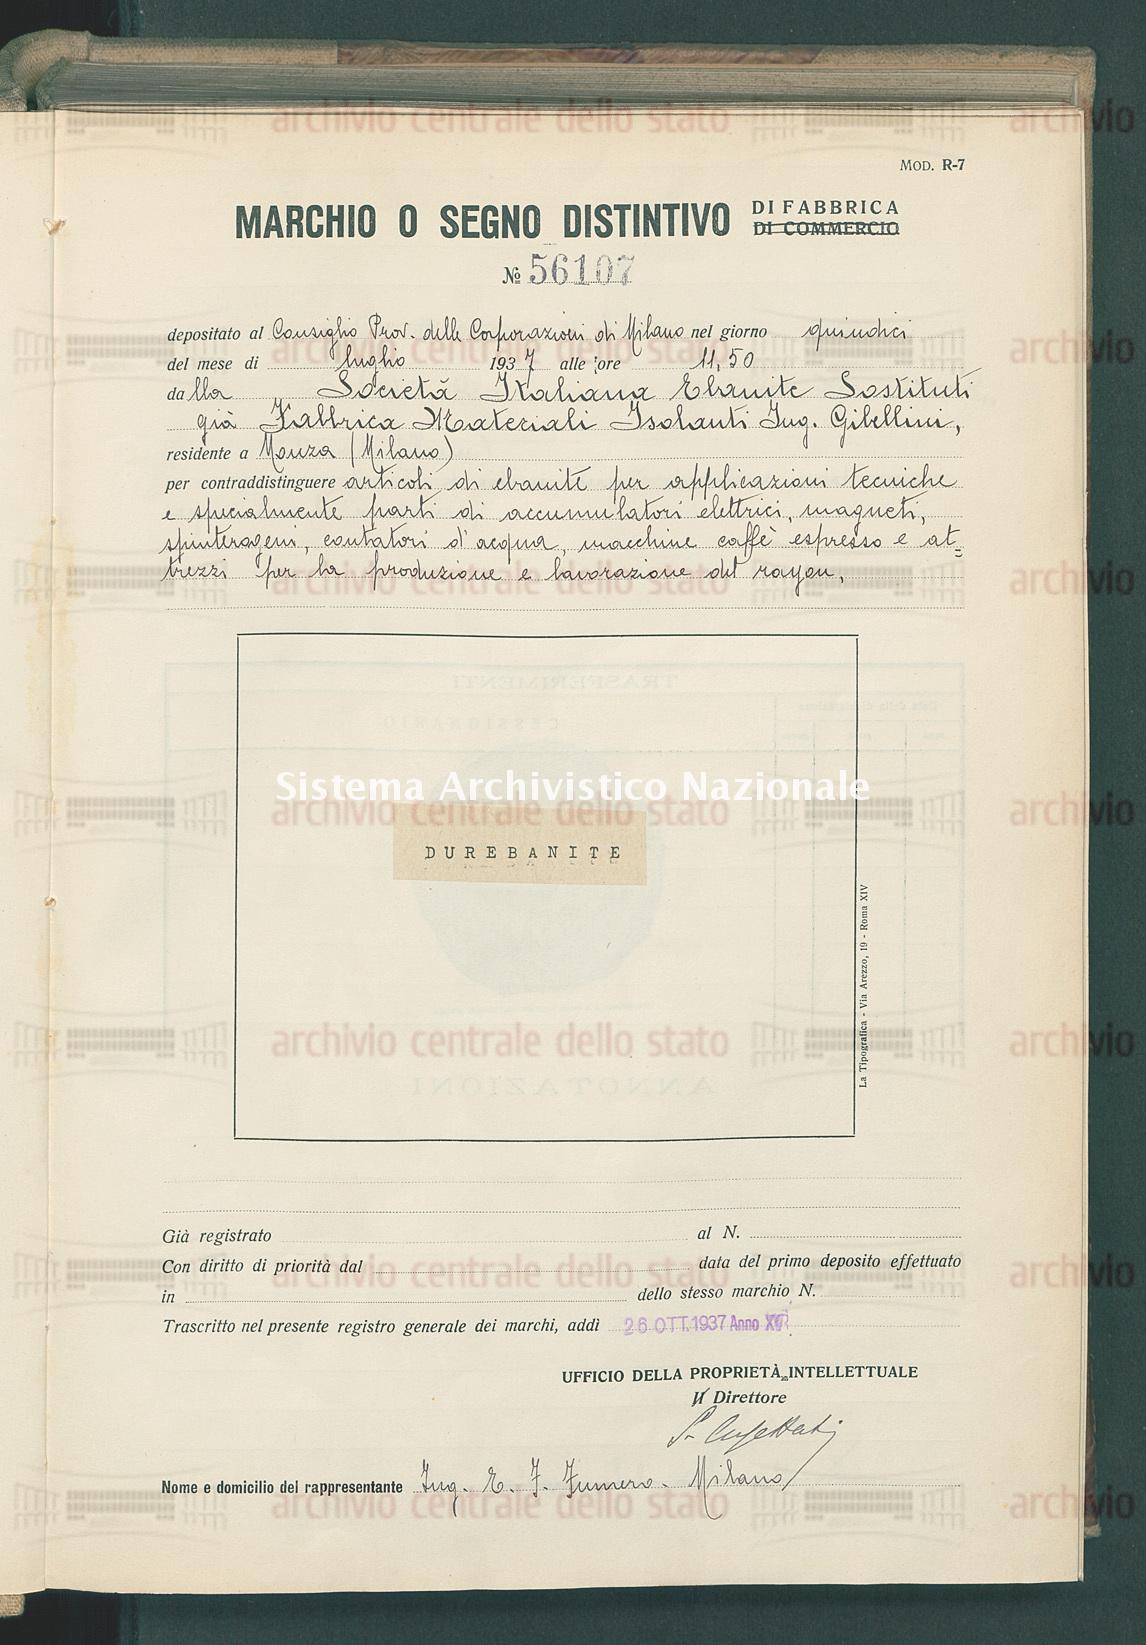 Articoli di ebanite per applicazioni tecniche ecc. Societa' Italiana Ebanite Sostituiti Gia' Fabbrica Materiali Isolanti Ing. Gibellini (26/10/1937)